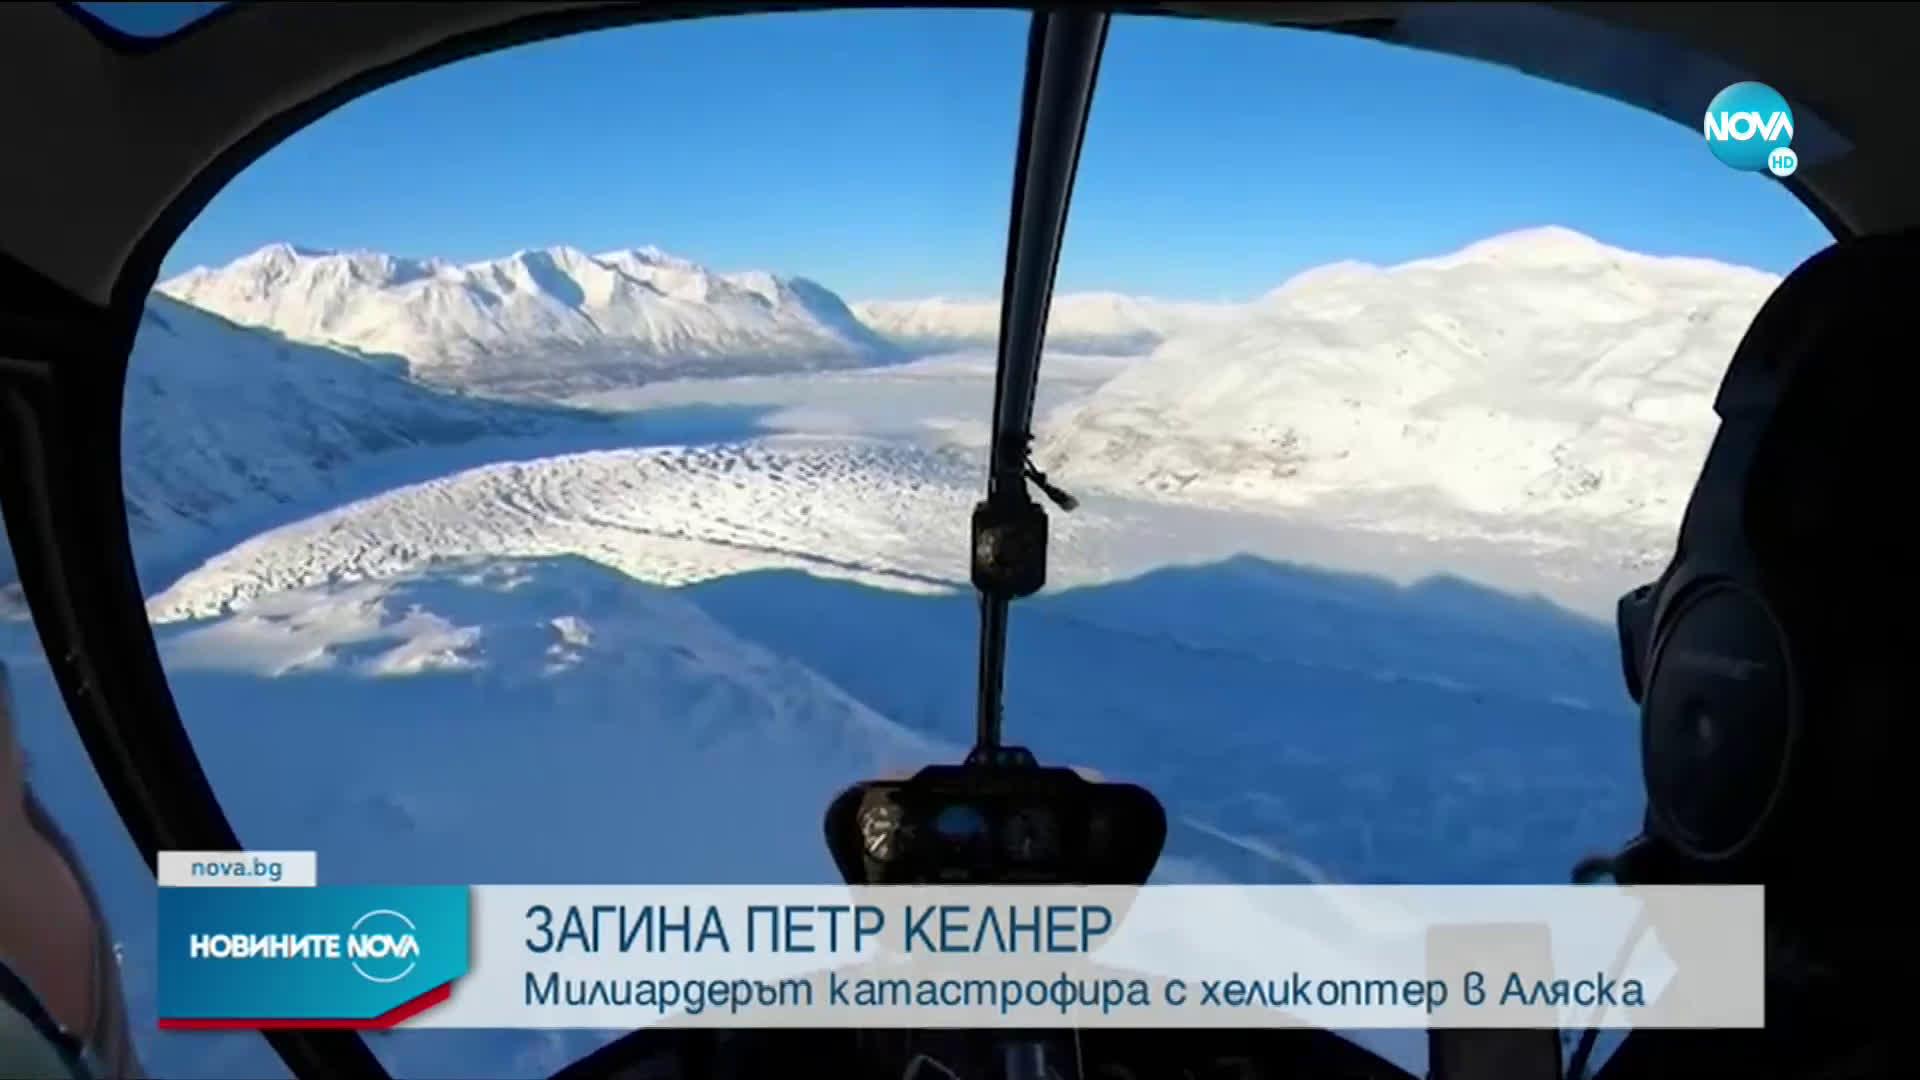 Чешкият милиардер Петр Келнер загина в катастрофа с хеликоптер